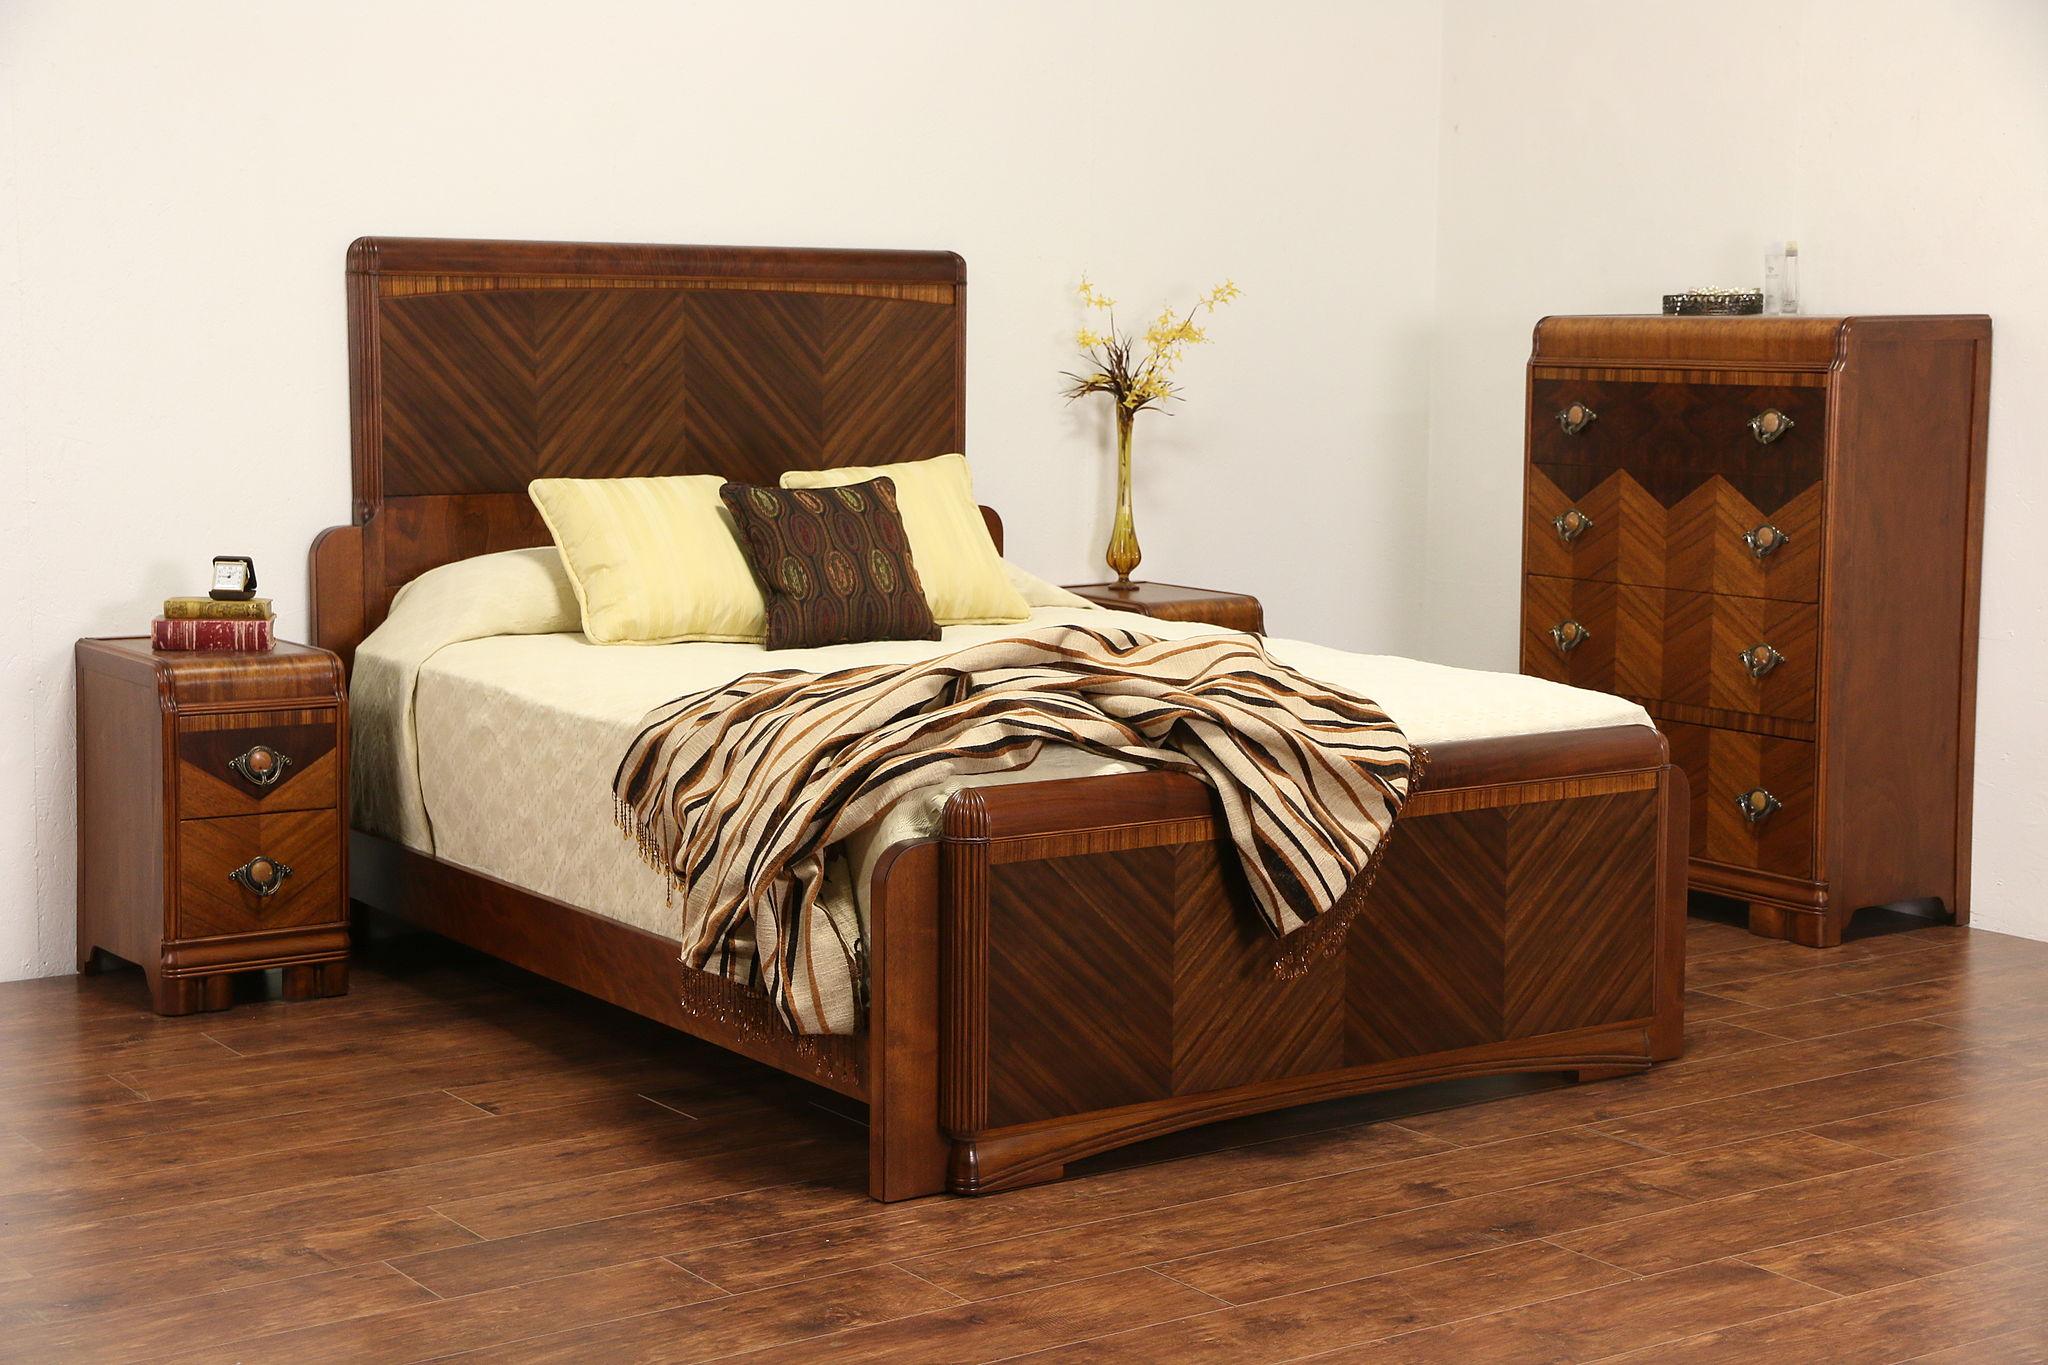 sold art deco waterfall 4 piece bedroom set queen bed nightstands highboy chest harp gallery. Black Bedroom Furniture Sets. Home Design Ideas